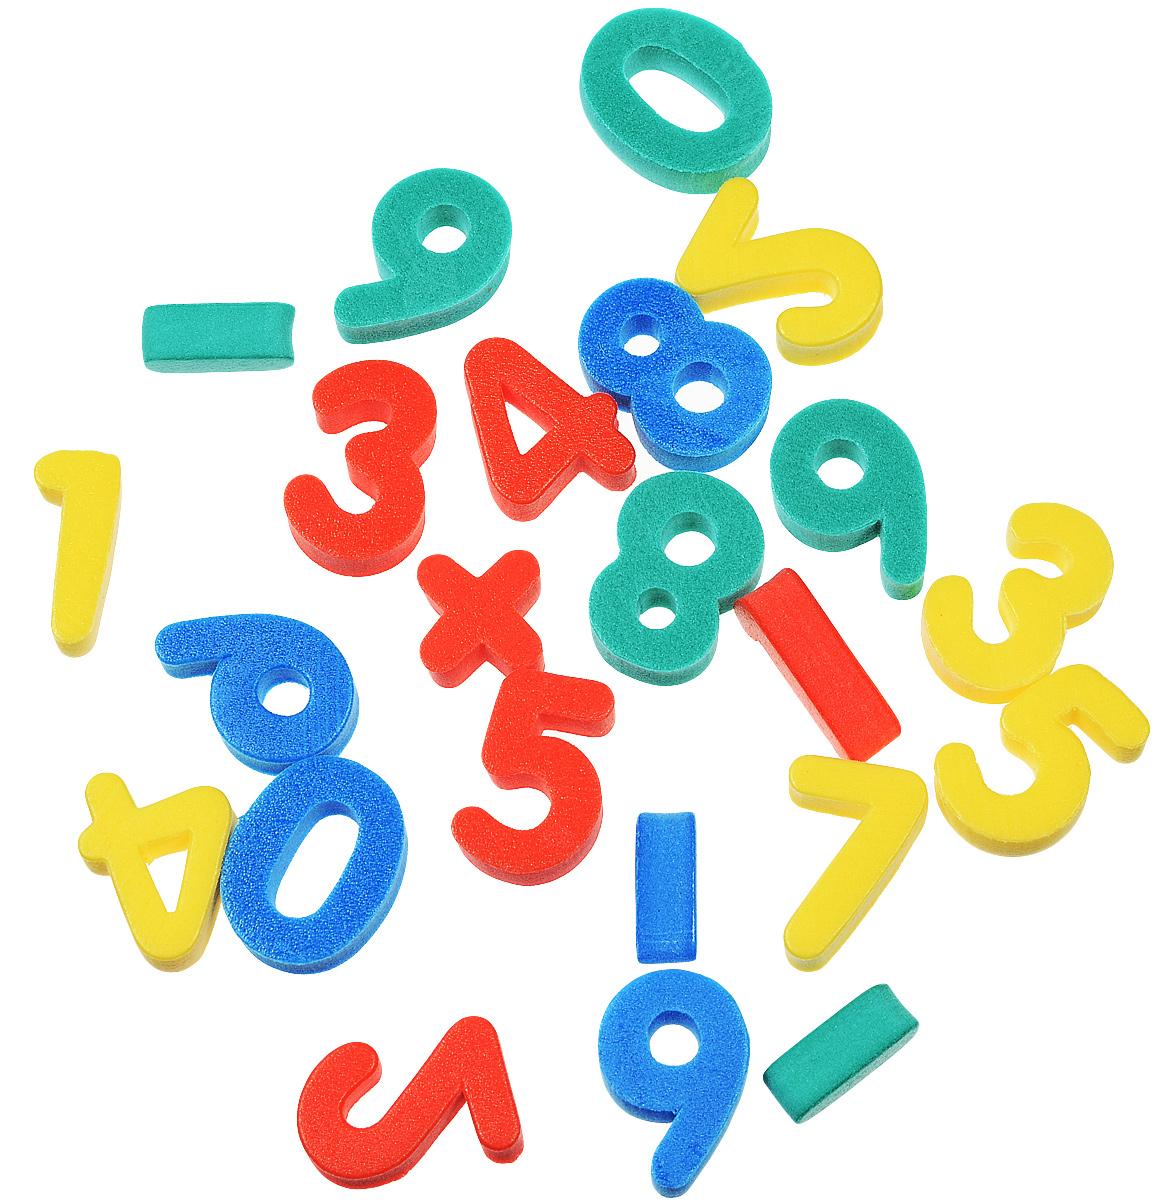 Набор цифр. Мягкая мозаика45343Мозаики и конструкторы настолько универсальны и практичны, что с ними можно играть практически везде. Для производства игрушек используется современный, легкий, эластичный, прочный материал, который обеспечивает большую долговечность игрушек, и главное –является абсолютно безопасным для детей. К тому же, благодаря особой структуре материала и свойству прилипать к мокрой поверхности, мягкие конструкторы и мозаики являются идеальной игрушкой для ванны. Способствует развитию у ребенка мелкой моторики, образного и логического мышления, наблюдательности. Производственная фирма `Тедико` зарекомендовала себя на рынке отечественных товаров как производитель высококачественных конструкторов и мозаик серии `Флексика`. Богатый ассортимент включает в себя игрушки для малышей и детей старшего возраста.